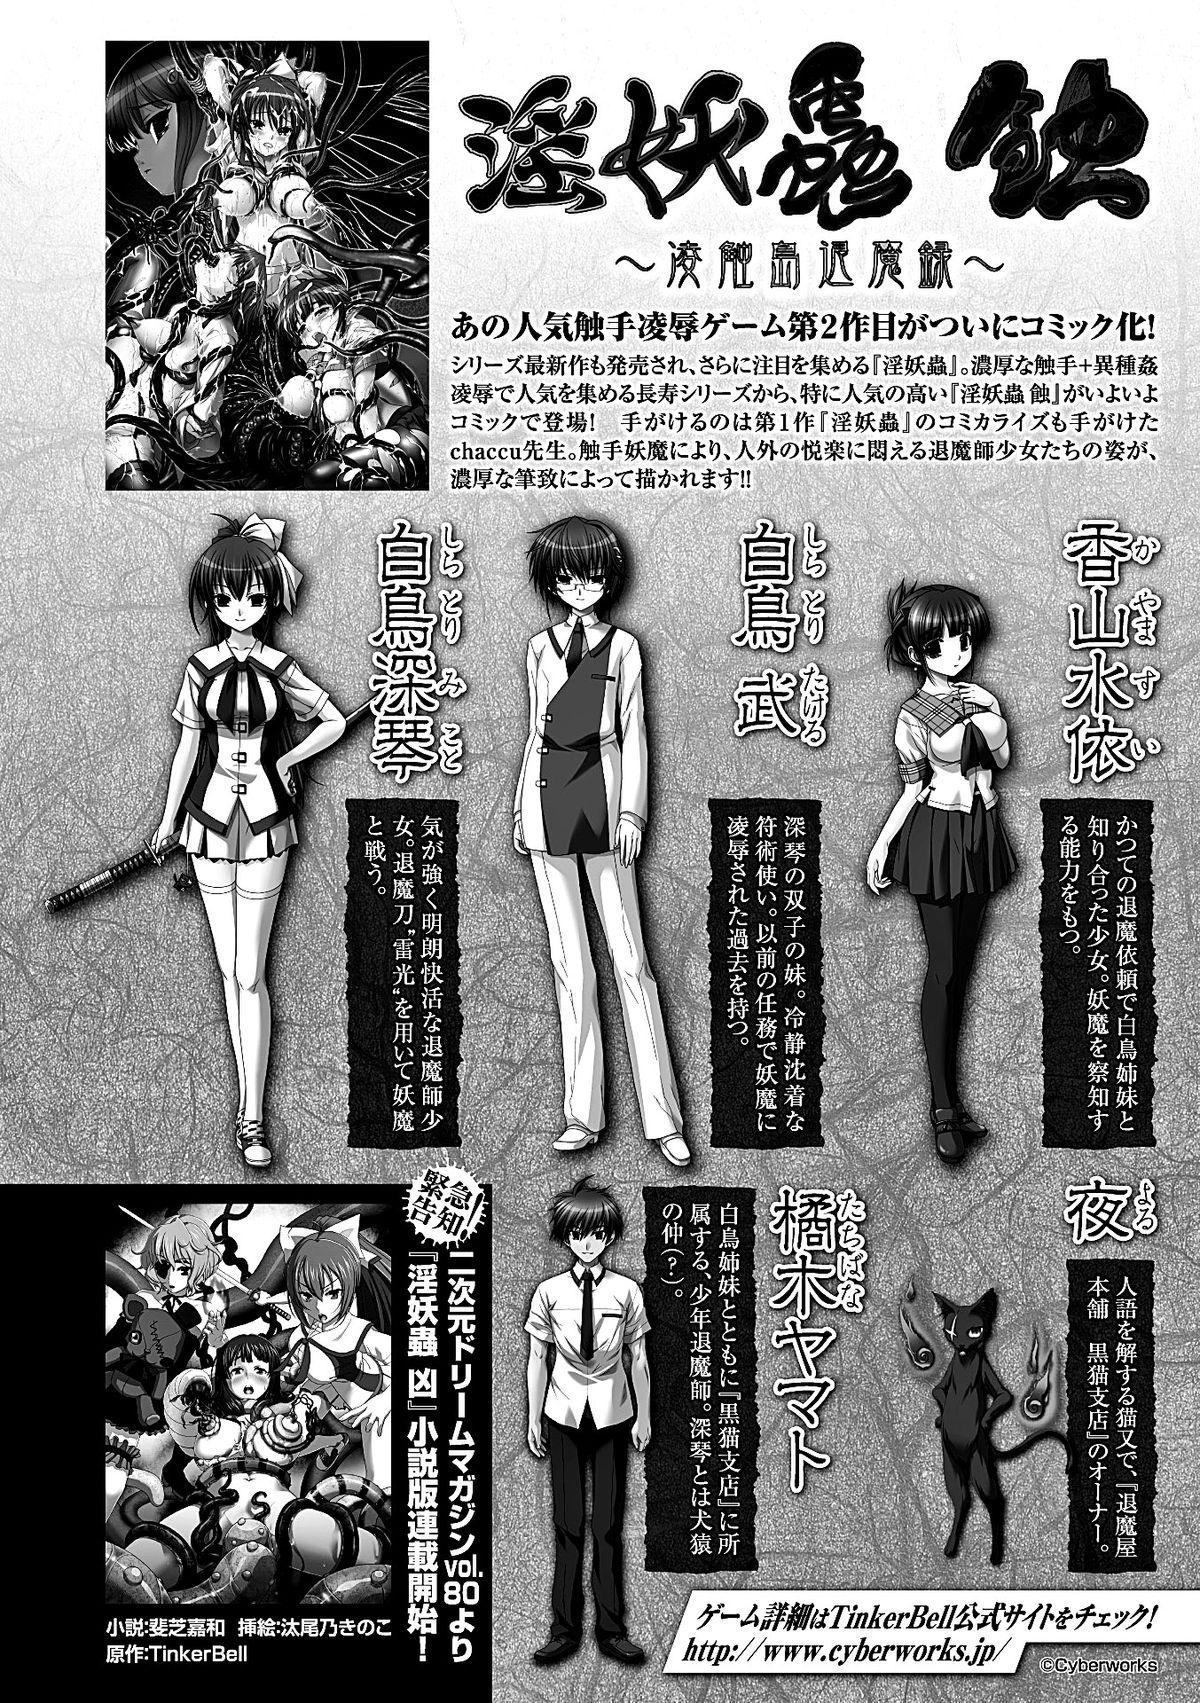 [chaccu] Inyouchuu Shoku ~Ryoushokutou Taimaroku~ Harami Ochiru Shoujo-tachi Ch. 4 (Heroine Pinch Vol. 7) [English] [shakuganexa] [Digital] 18